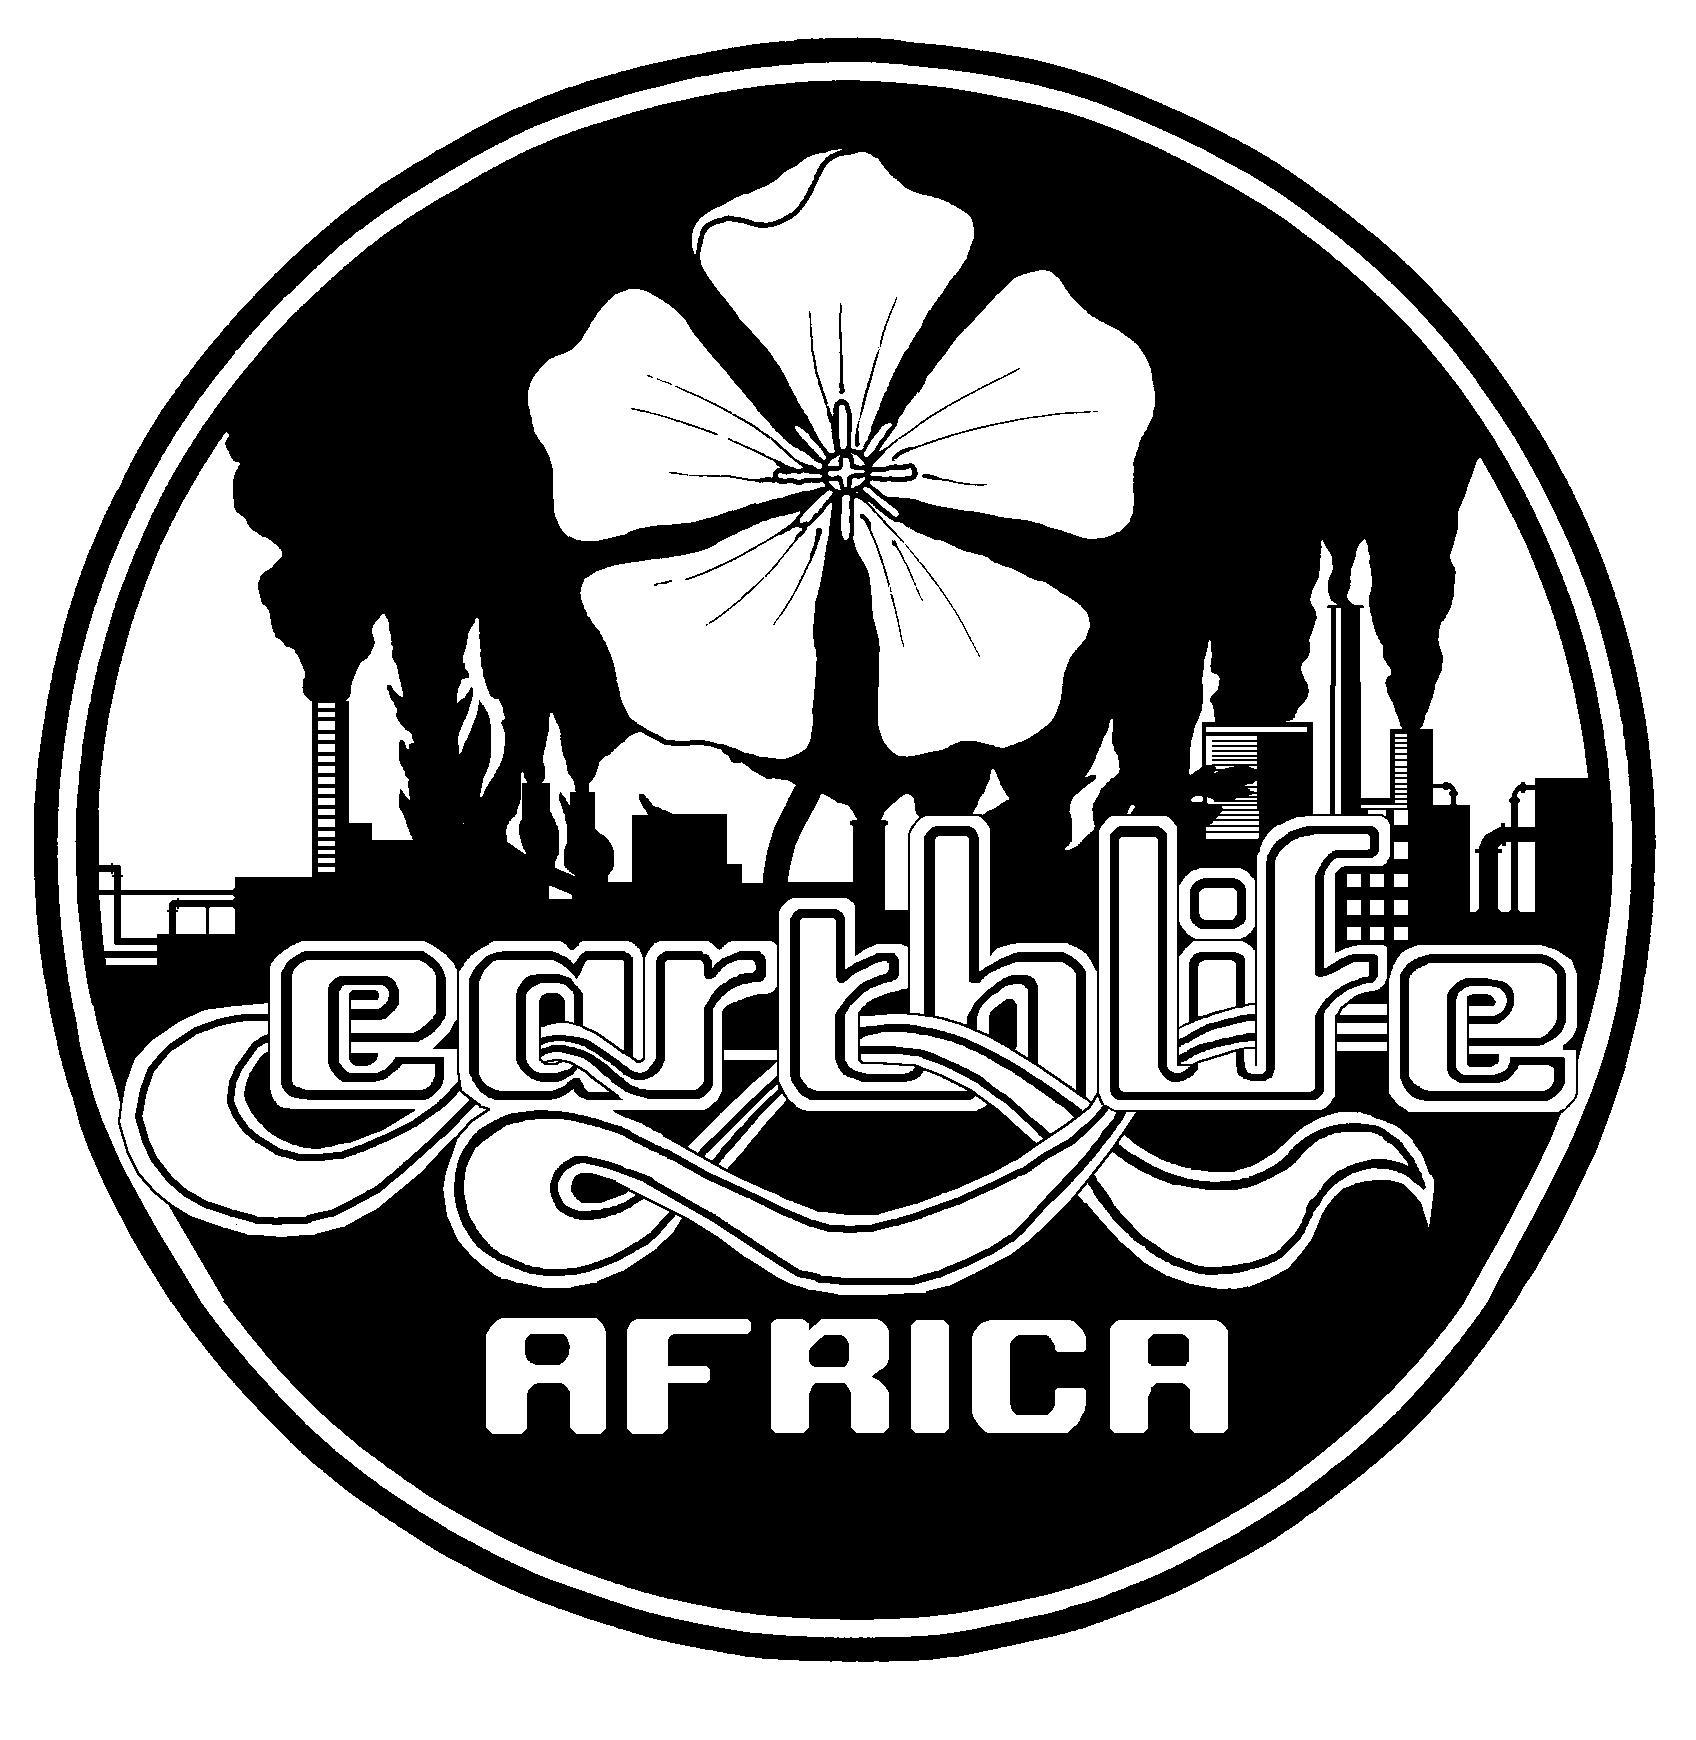 logo for Earthlife Africa